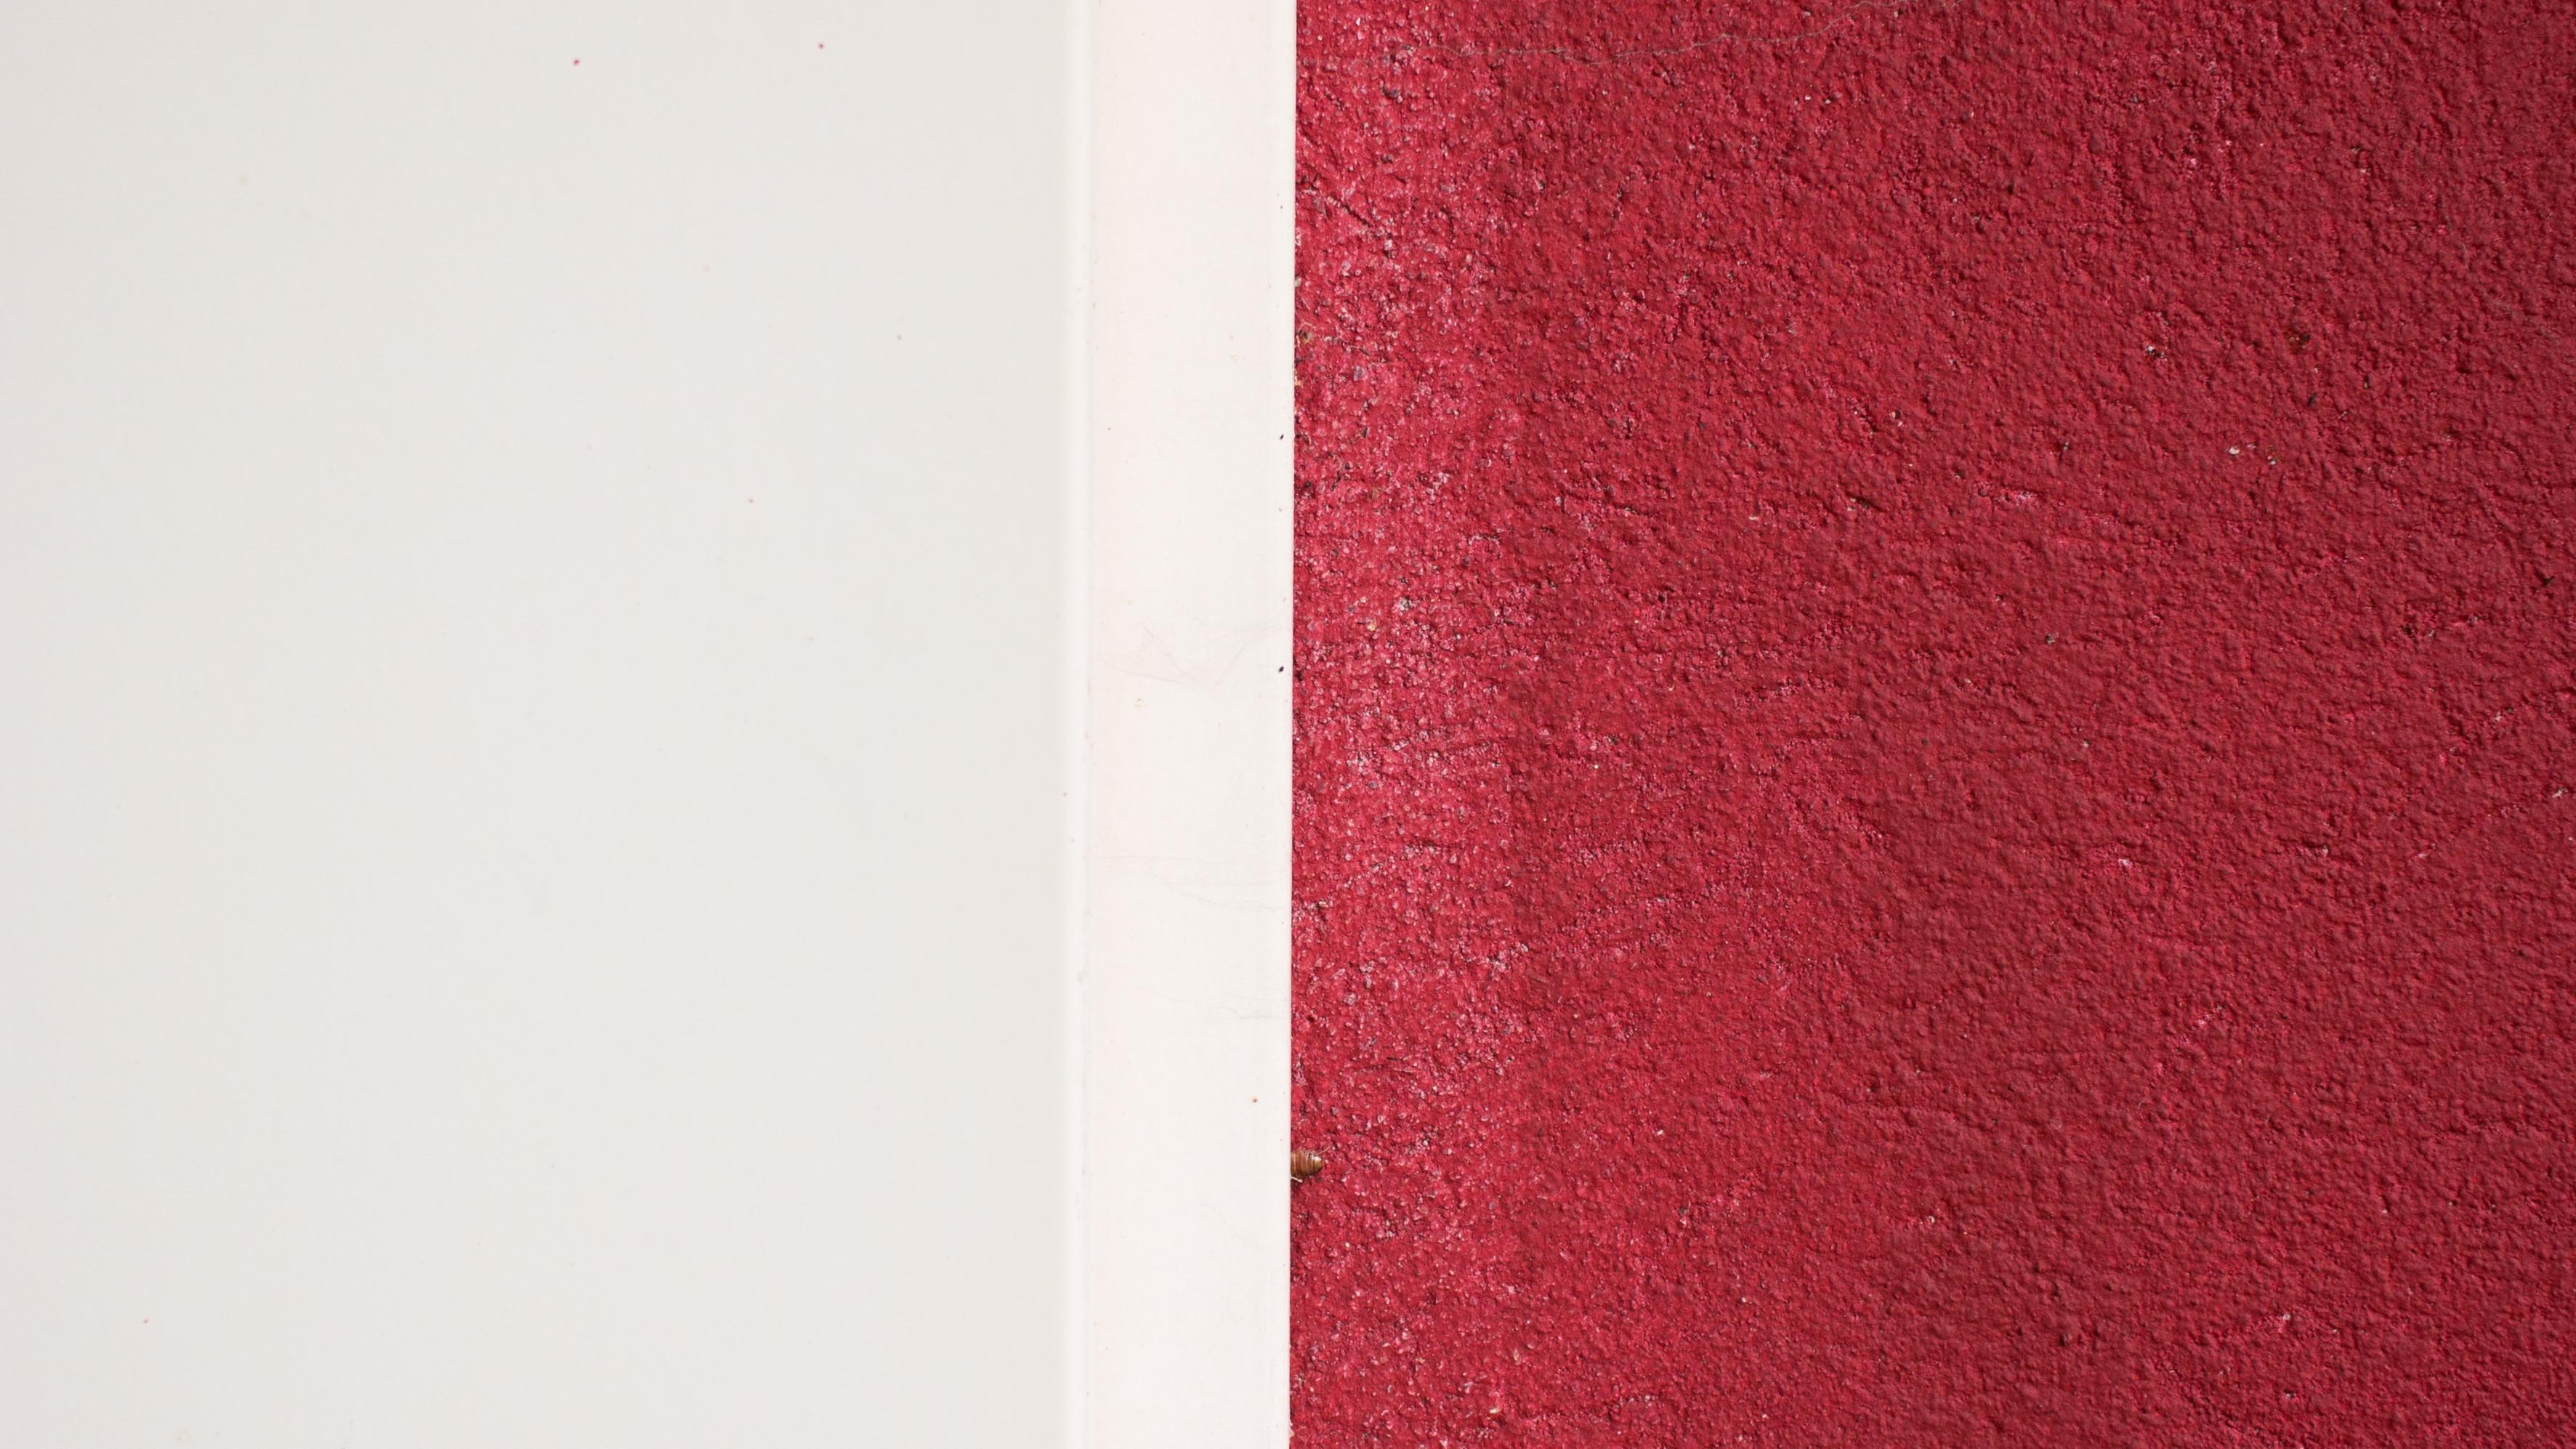 Granice ne postoje? (Foto: www.unsplash.com)